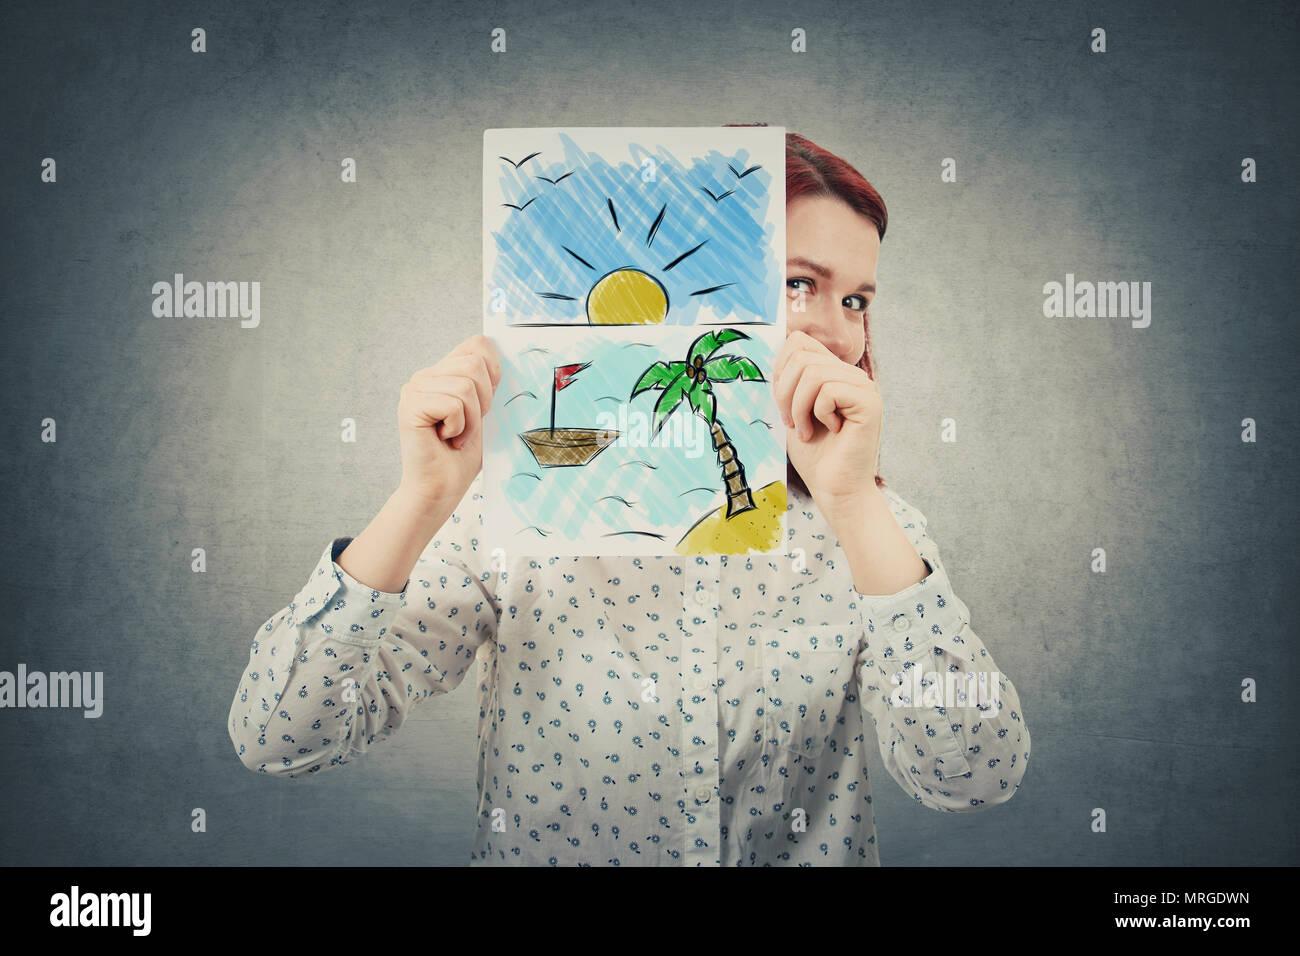 Happy Geschäftsfrau ausblenden Gesicht hinter einem weißen Blatt Papier mit einem exotischen Ort gezogen. Träumen von Urlaub am Meer. Stockfoto